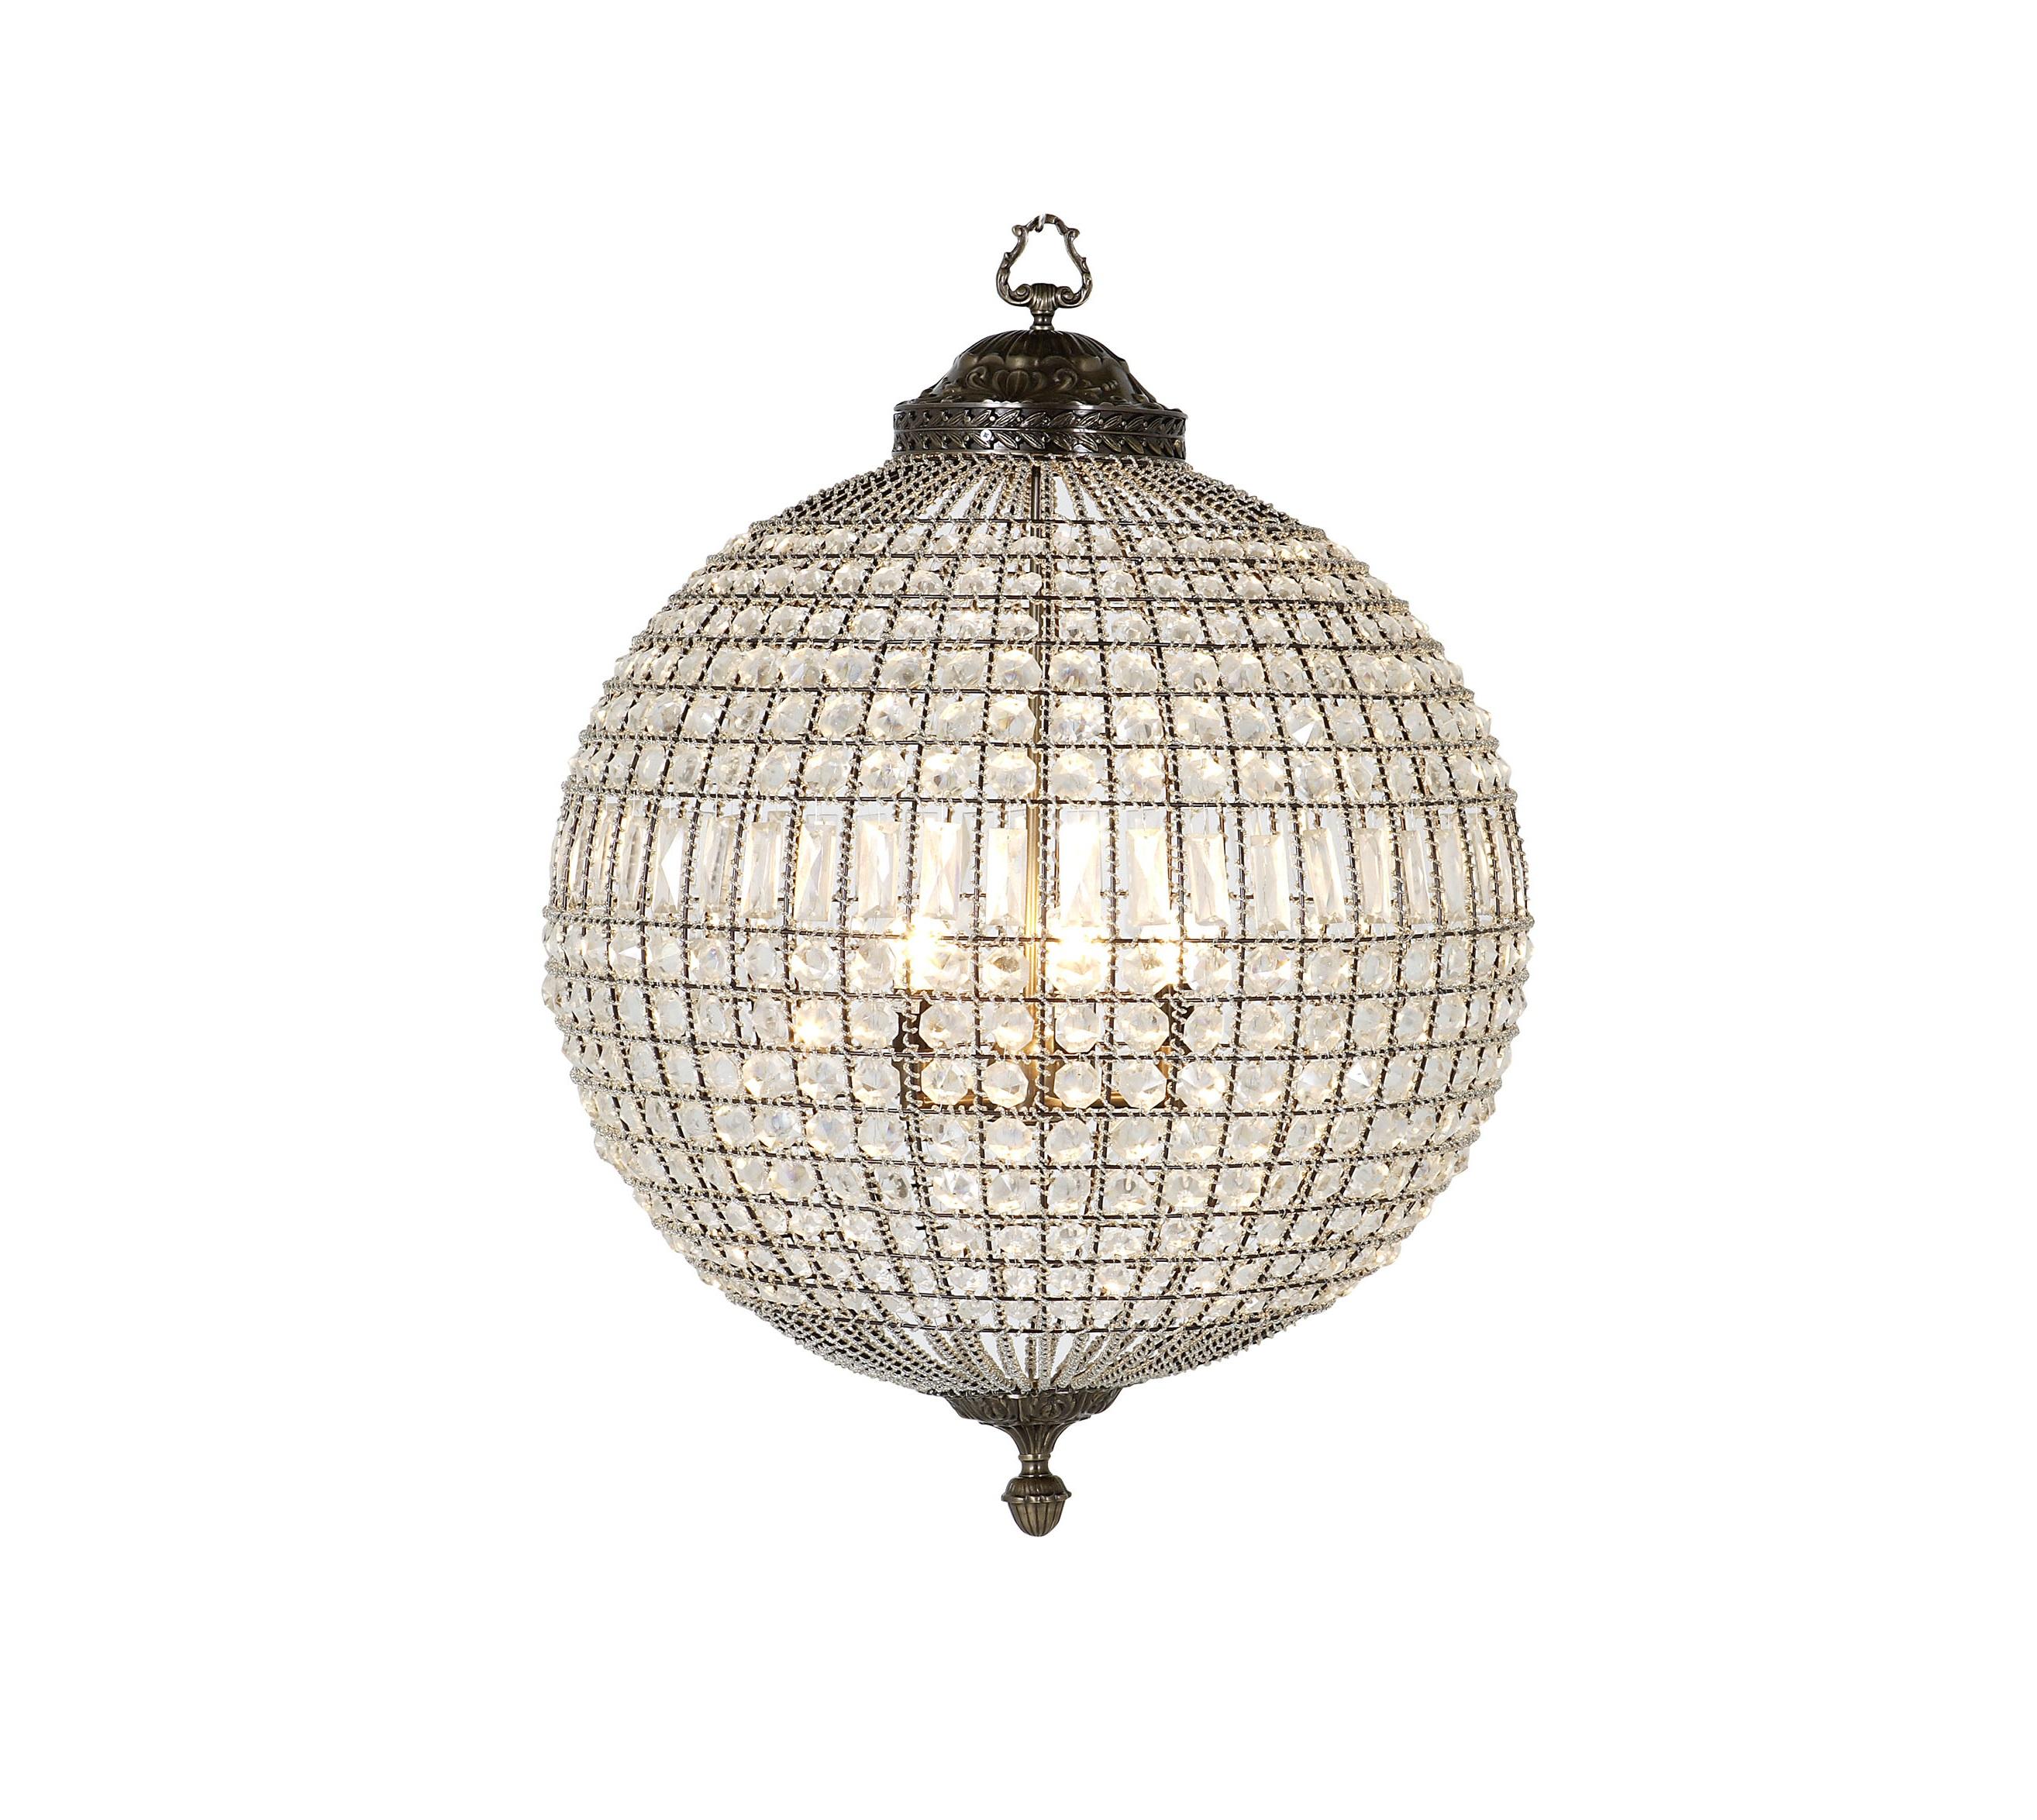 Светильник подвесной  Mini round chandelierПодвесные светильники<br>Изысканная люстра-подвеска, состоящая из десятков переливающихся стеклянных пластин, которые выглядят особенно эффектно в лучах света.&amp;lt;div&amp;gt;&amp;lt;div&amp;gt;Материал: Стекло, никель.&amp;amp;nbsp;&amp;lt;/div&amp;gt;&amp;lt;/div&amp;gt;&amp;lt;div&amp;gt;&amp;lt;br&amp;gt;&amp;lt;/div&amp;gt;&amp;lt;div&amp;gt;&amp;lt;div&amp;gt;Тип цоколя: E14&amp;lt;/div&amp;gt;&amp;lt;div&amp;gt;Мощность: 40W&amp;lt;/div&amp;gt;&amp;lt;div&amp;gt;Количество: 1 (нет в комплекте)&amp;lt;/div&amp;gt;&amp;lt;/div&amp;gt;<br><br>Material: Стекло<br>Ширина см: 29<br>Высота см: 48<br>Глубина см: 29